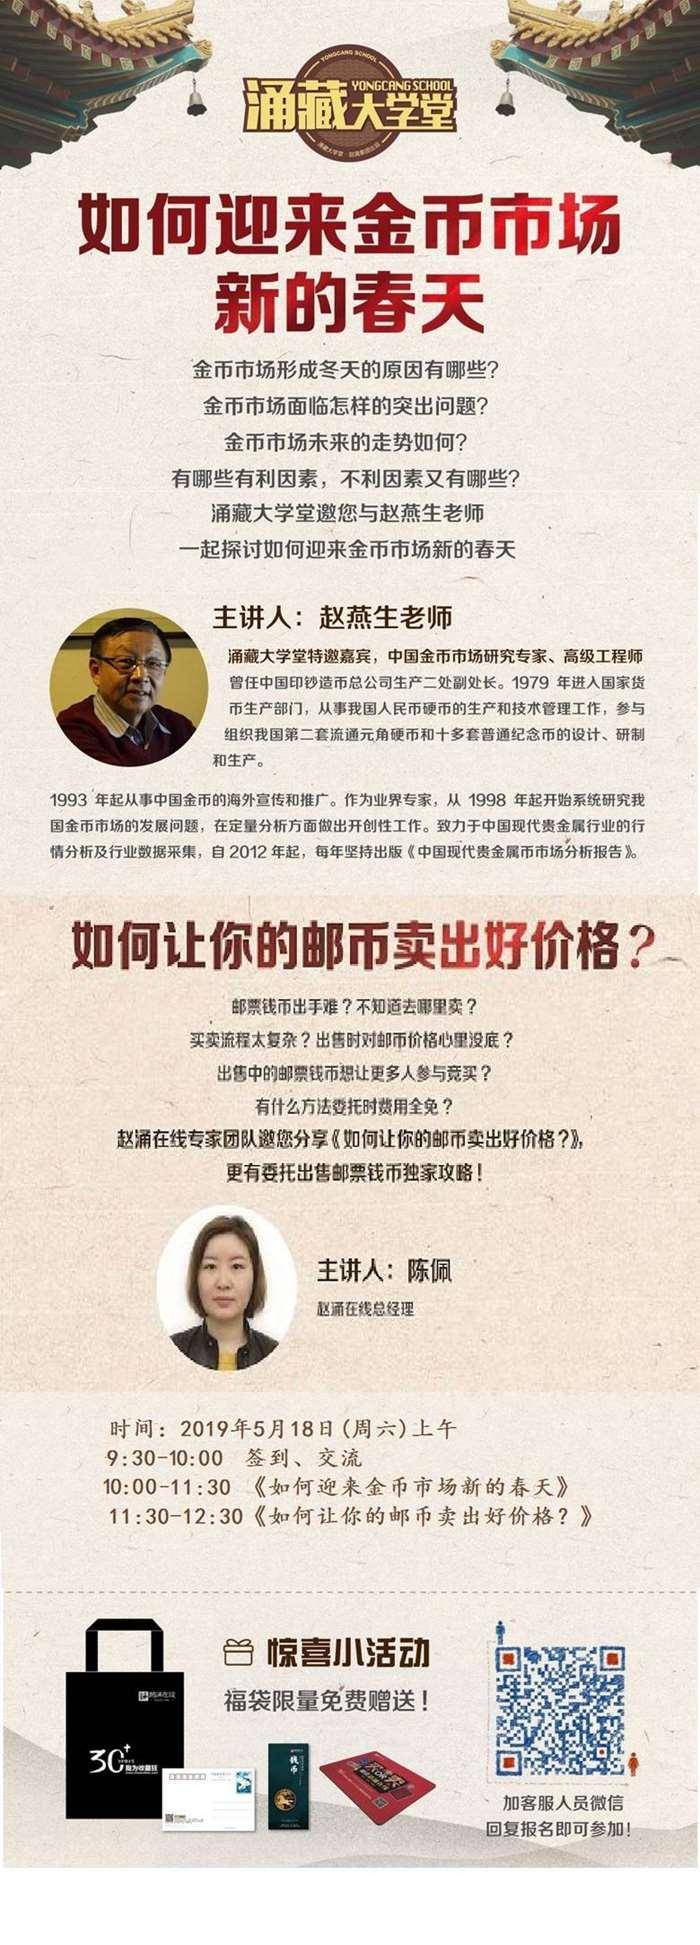 北京赵燕生易拉宝、单页设计需求.jpg